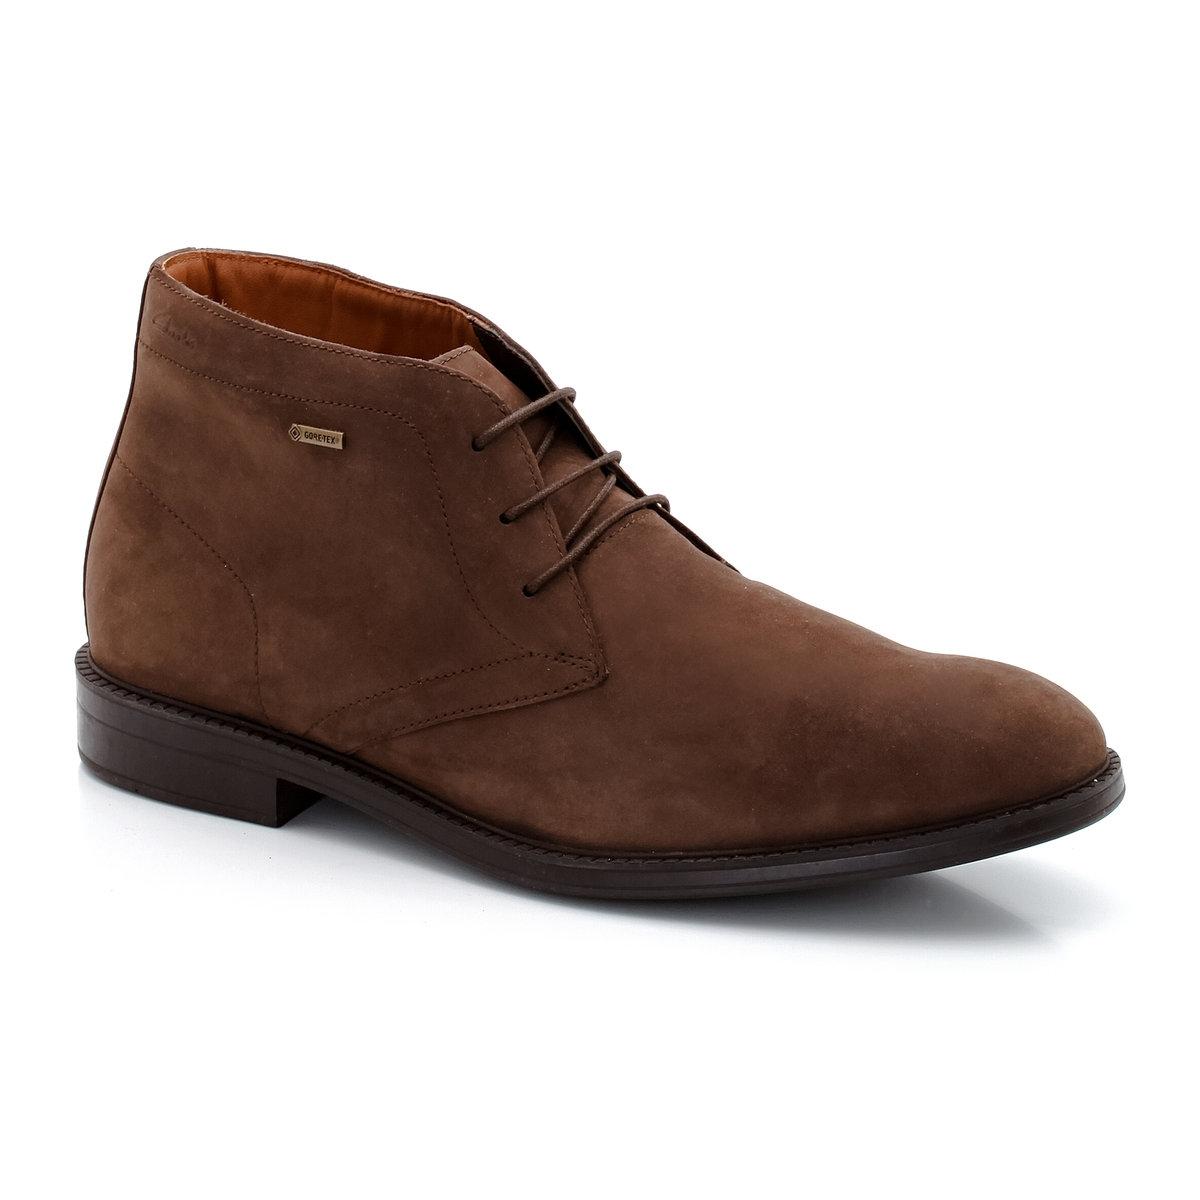 Ботинки кожаные Chilver HiДетали  •  Высота голенища : 14 см, размер 37 •  Высота каблука : 3 см •  Застежка : шнуровка •  Круглый мысокСостав и уход   •  Верх 100% нубук •  Подкладка 100% текстиль •  Стелька 100% кожа •  Подошва 100% каучук<br><br>Цвет: каштановый